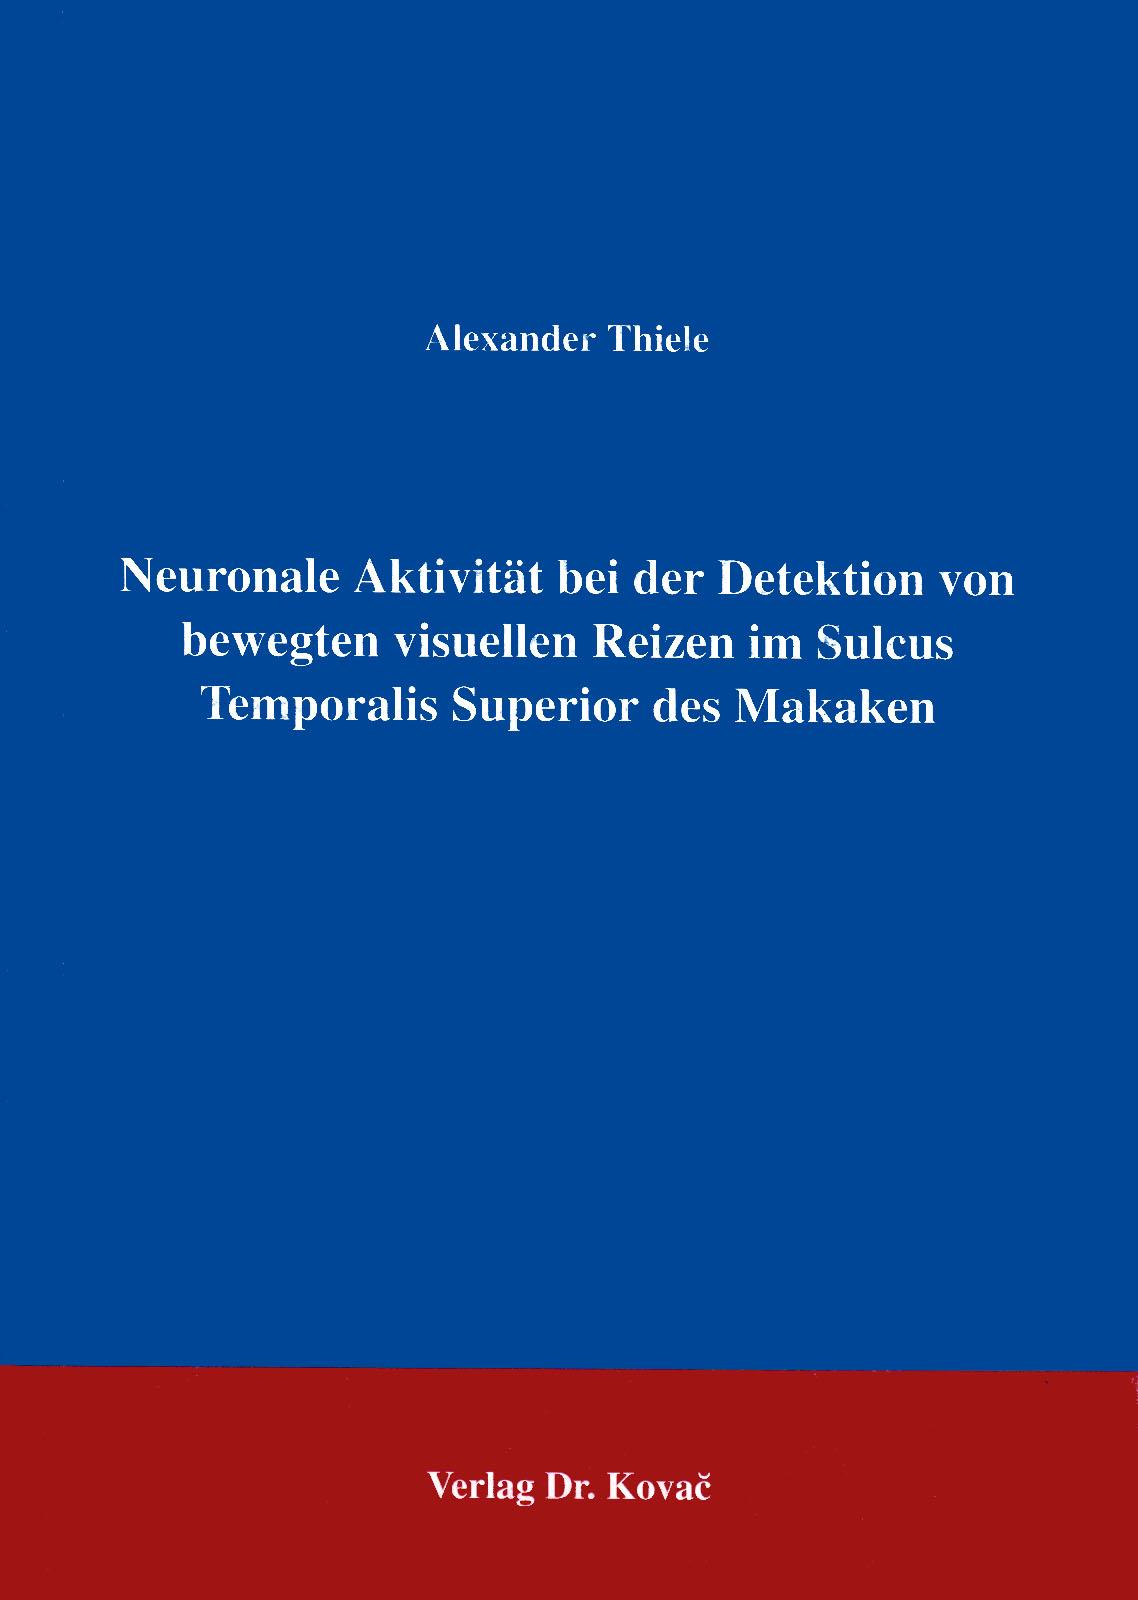 Cover: Neuronale Aktivität bei der Detektion von bewegten visuellen Reizen im Sulcus Temporalis Superior des Makaken